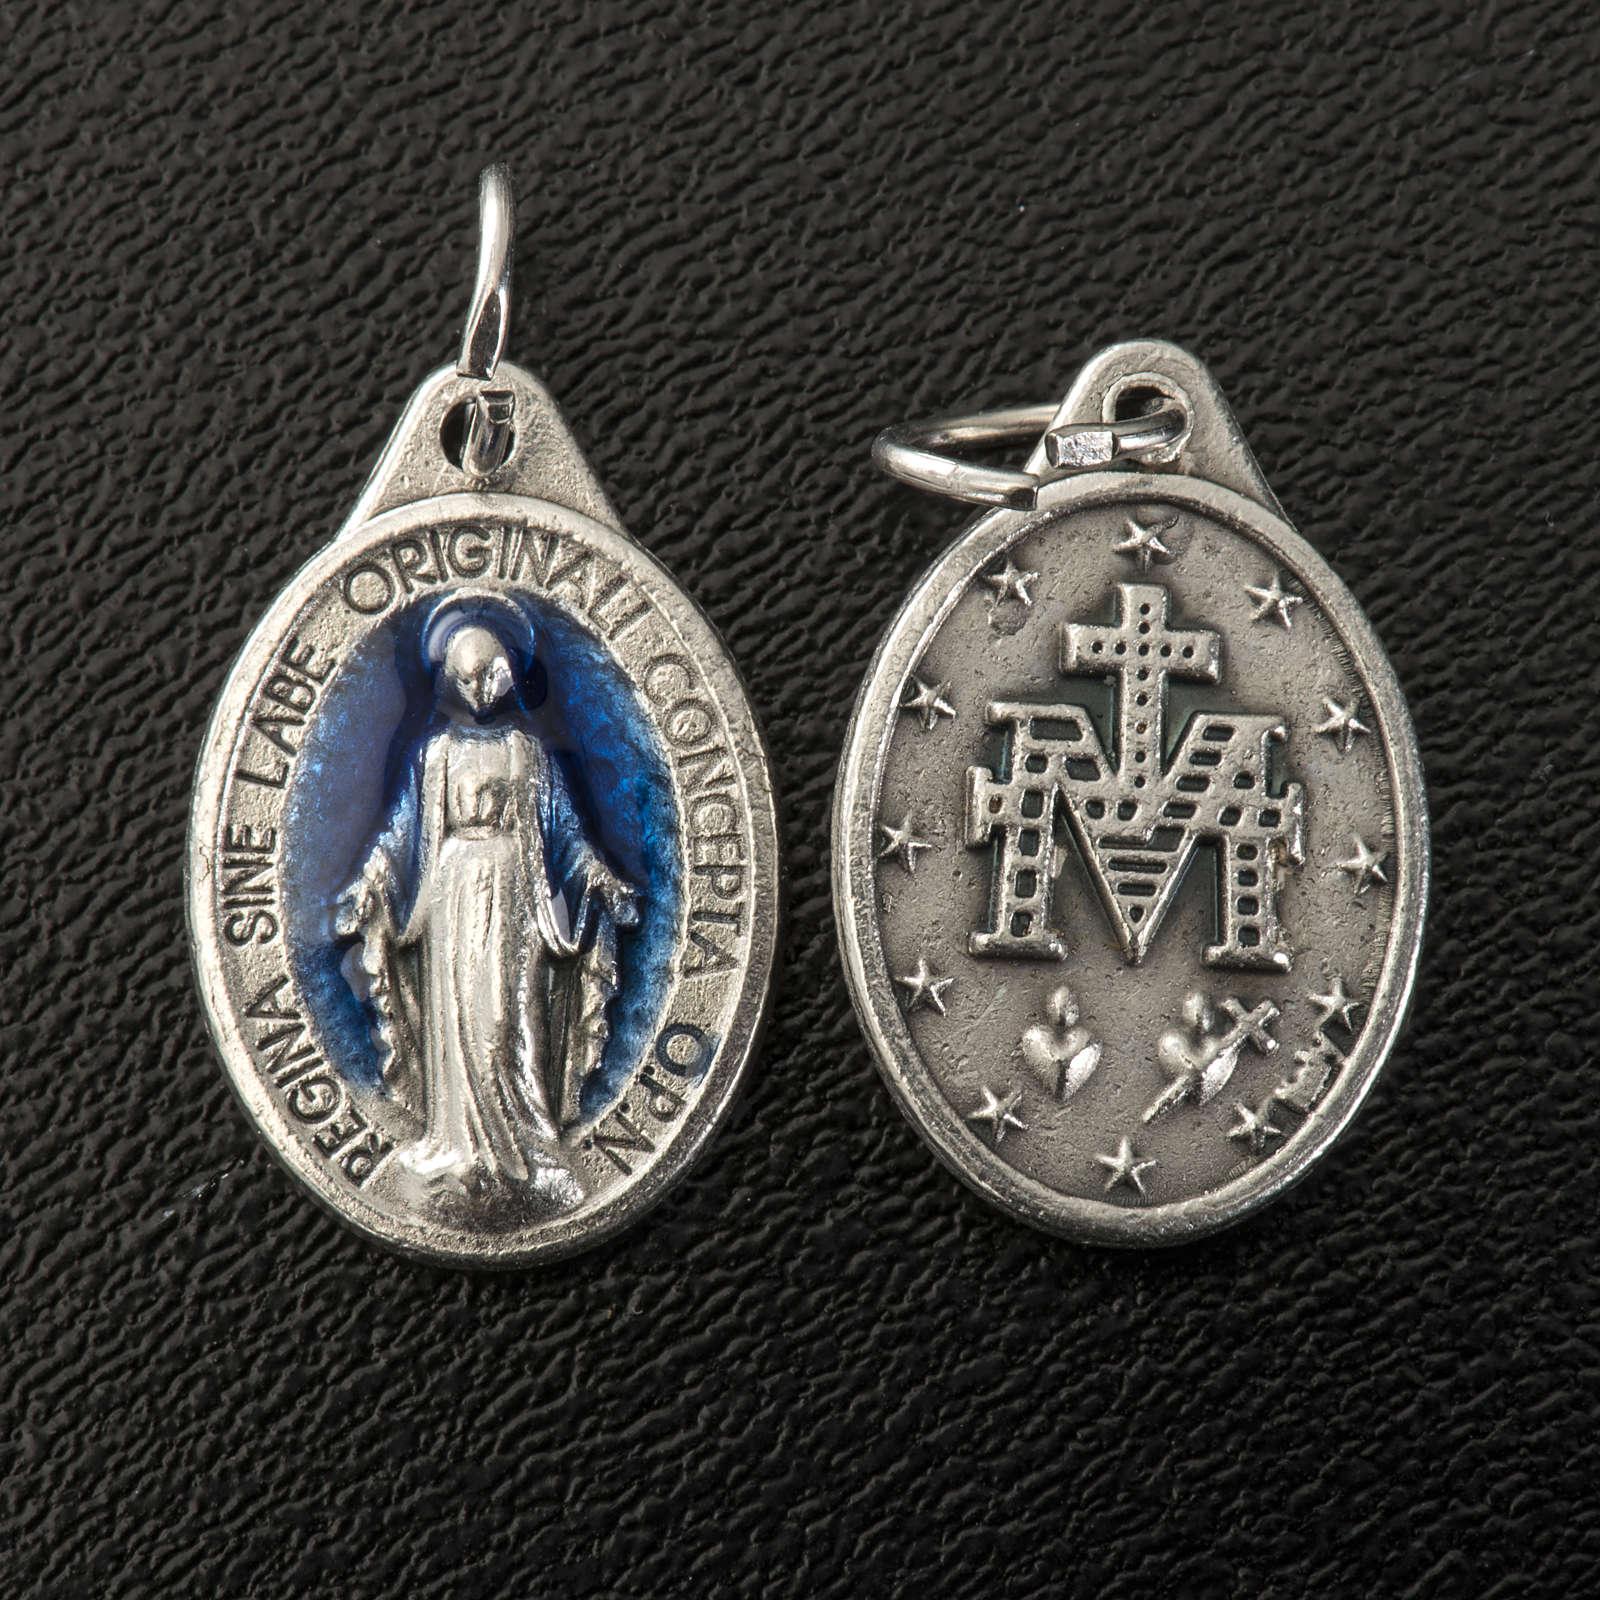 Medaglia Miracolosa ovale in metallo con smalto h 17 mm 4